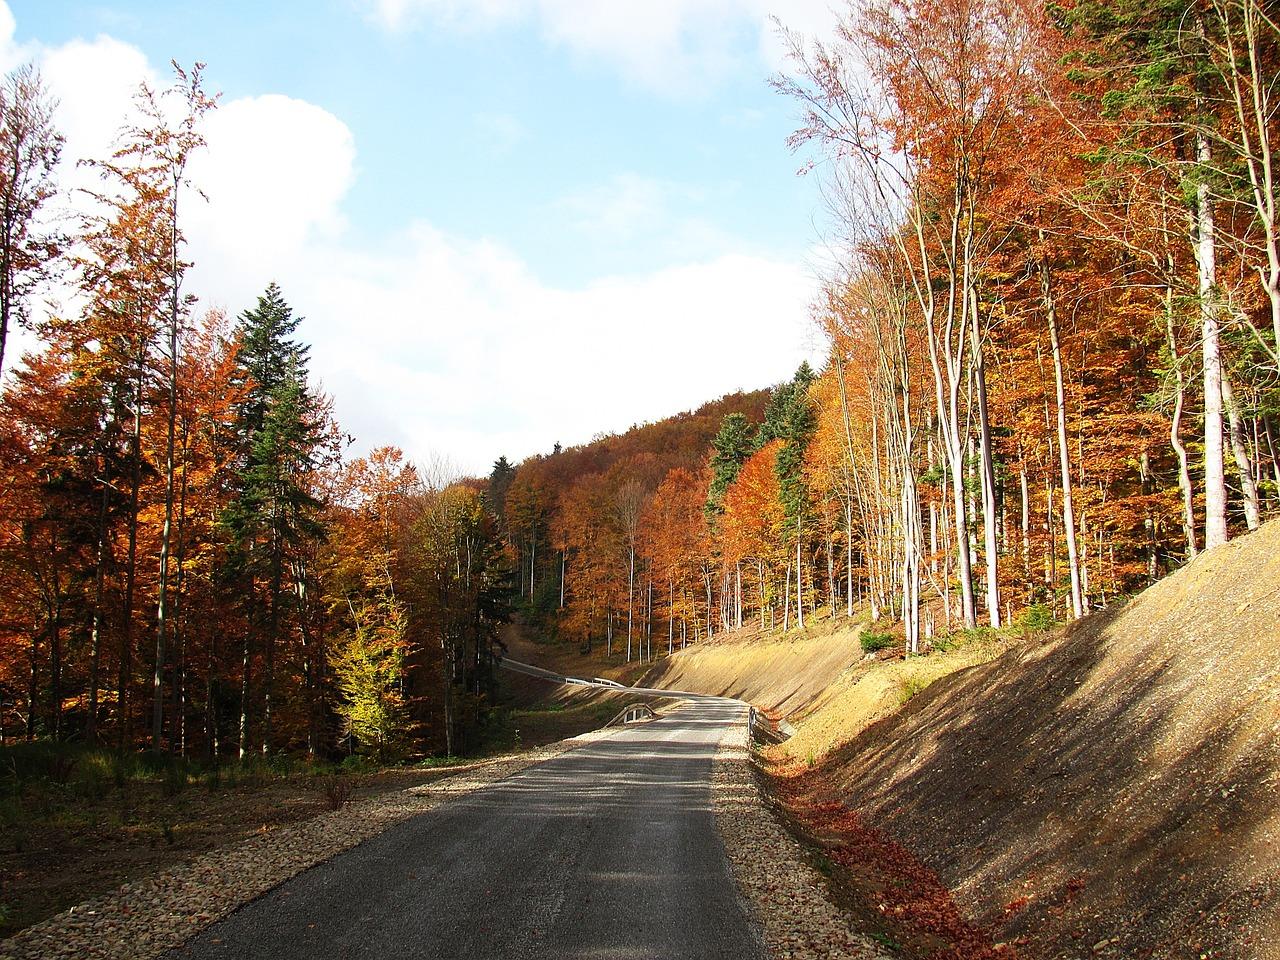 Wzmożony ruch w Bieszczadach. Każdy chce zobaczyć kolorową jesień w górach! - Zdjęcie główne